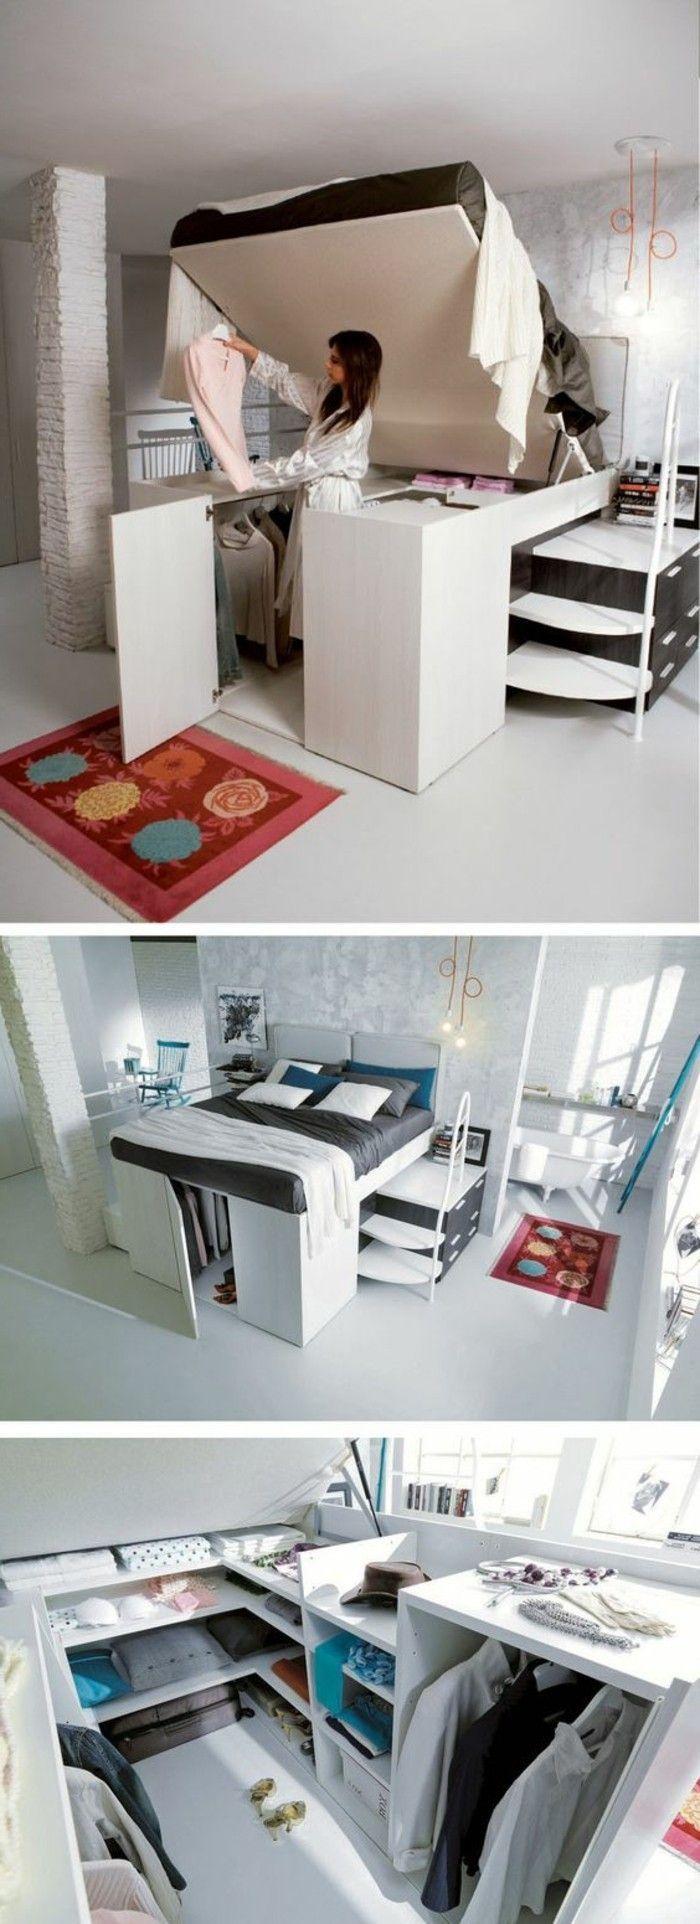 1001 Ideen Zum Thema Kleine Raume Geschickt Einrichten